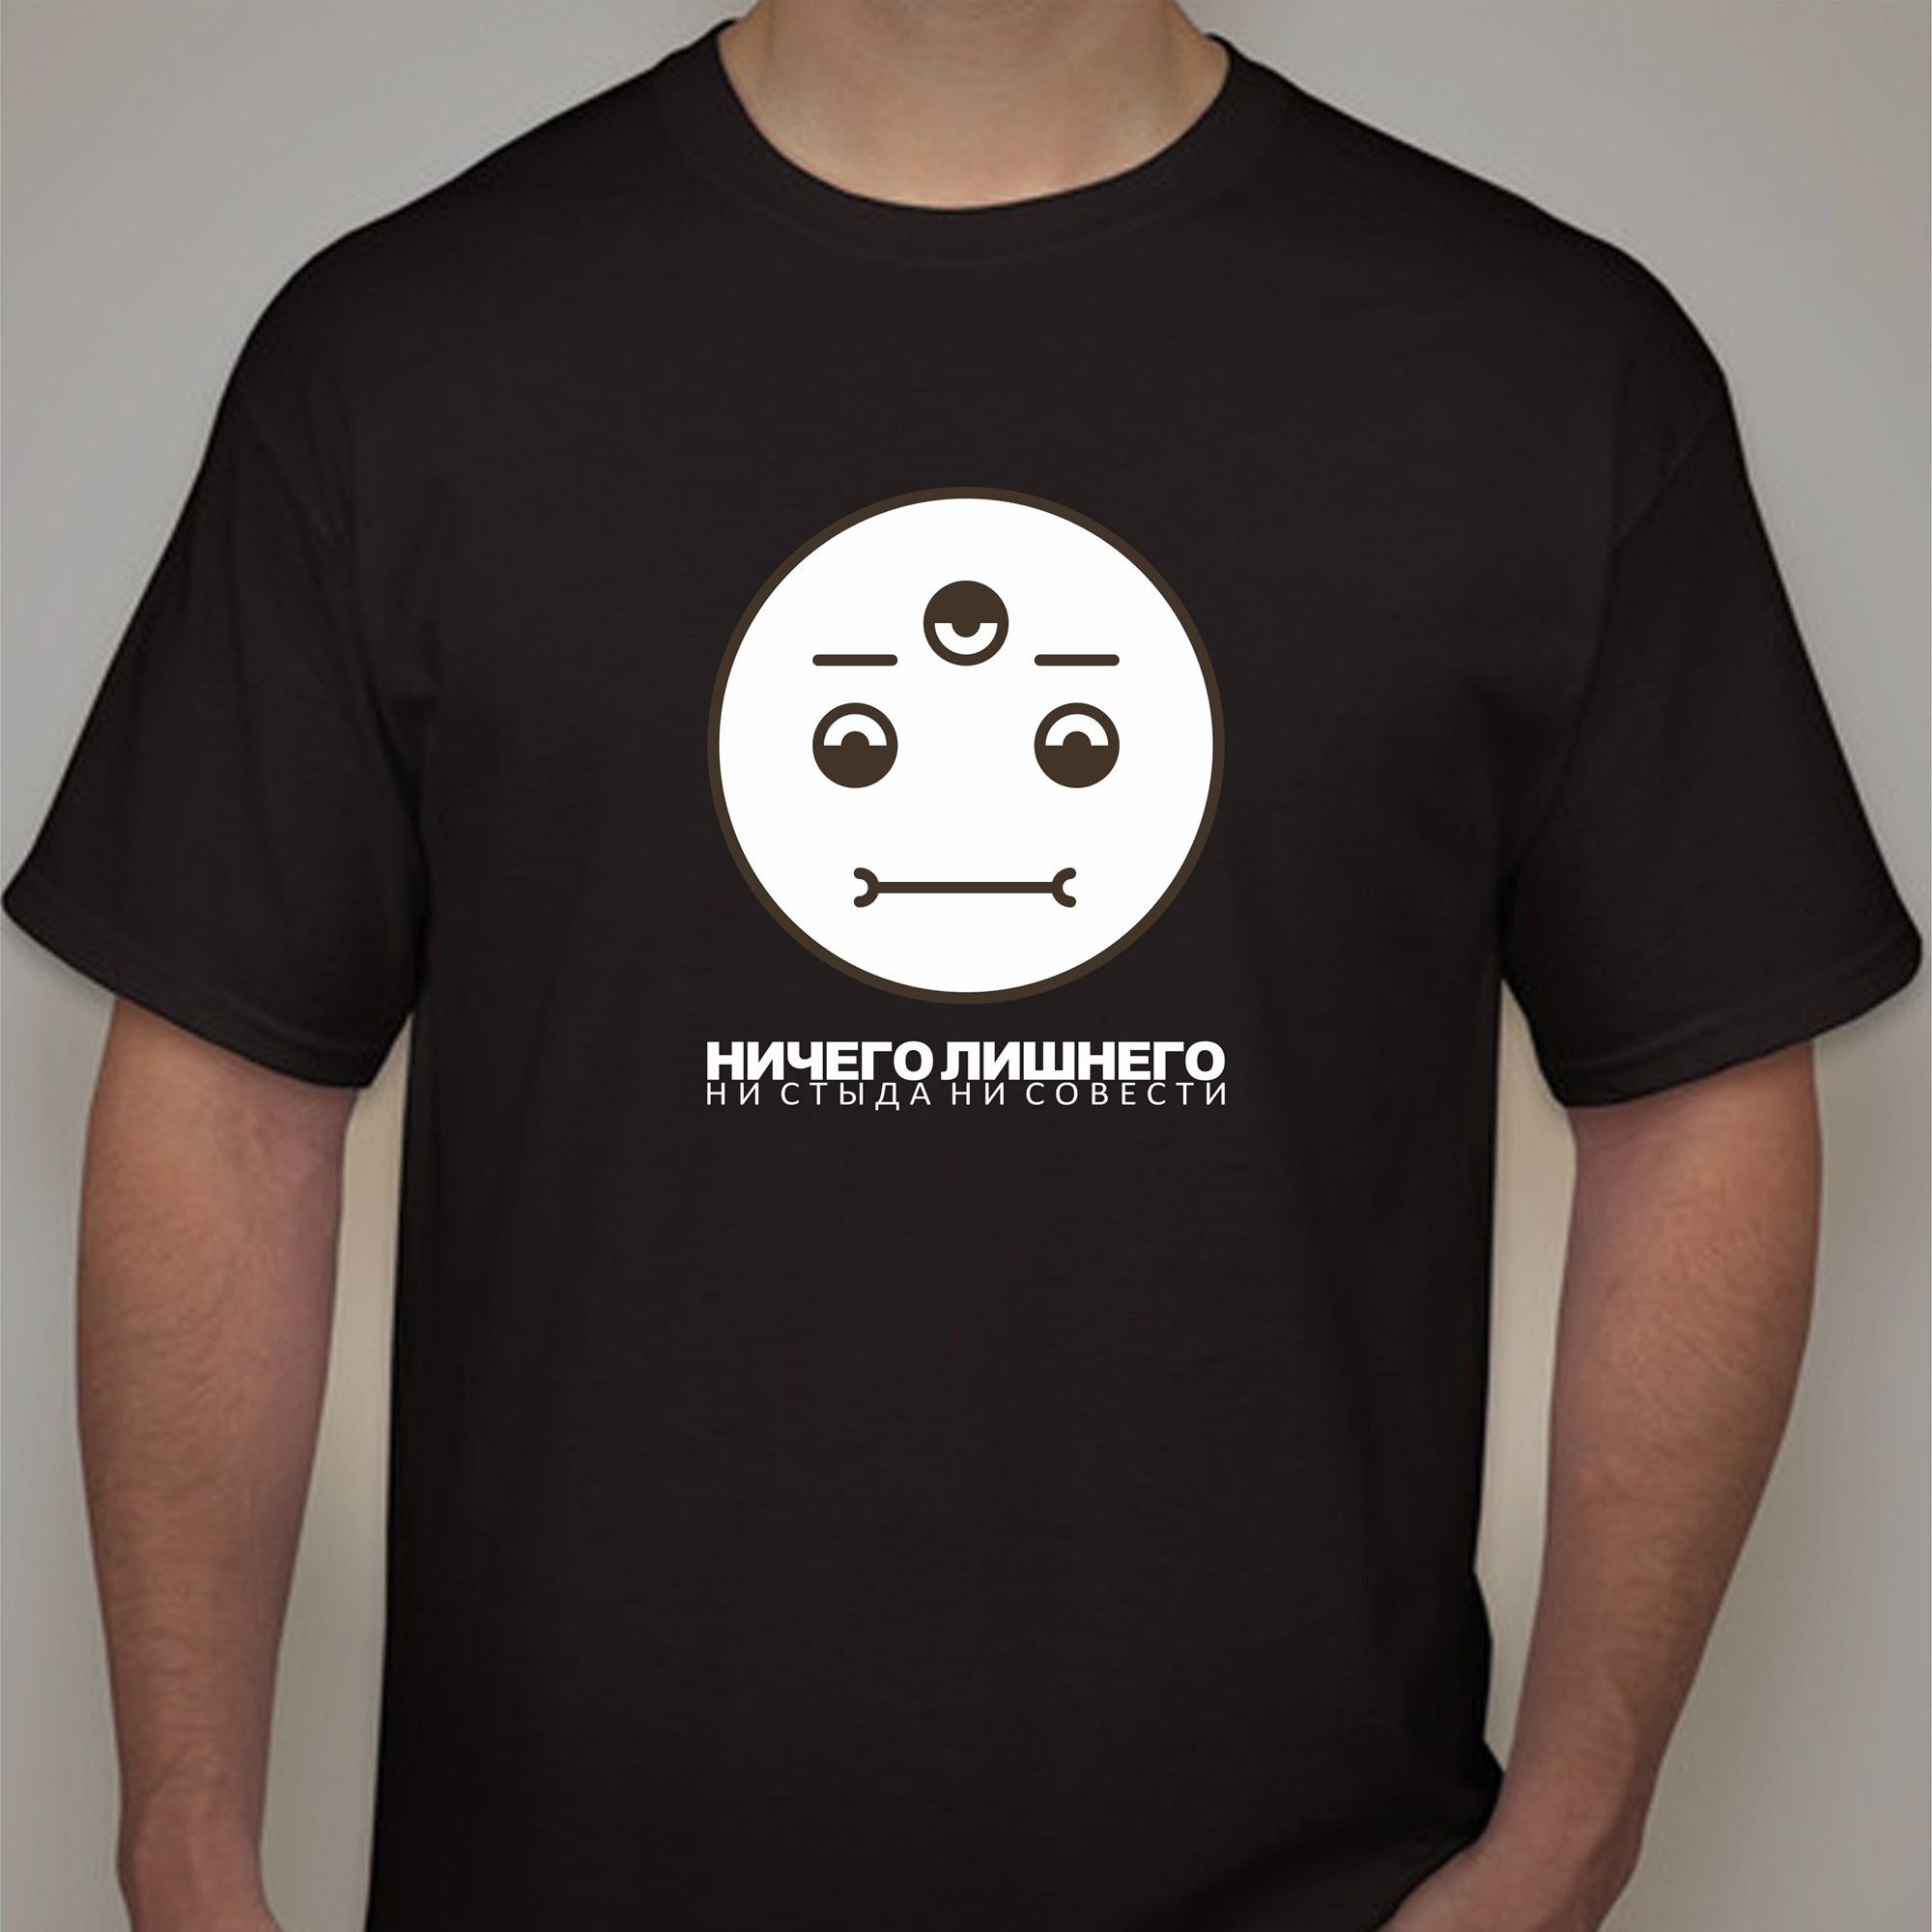 Принт к фразе на мужскую футболку - дизайнер iceman